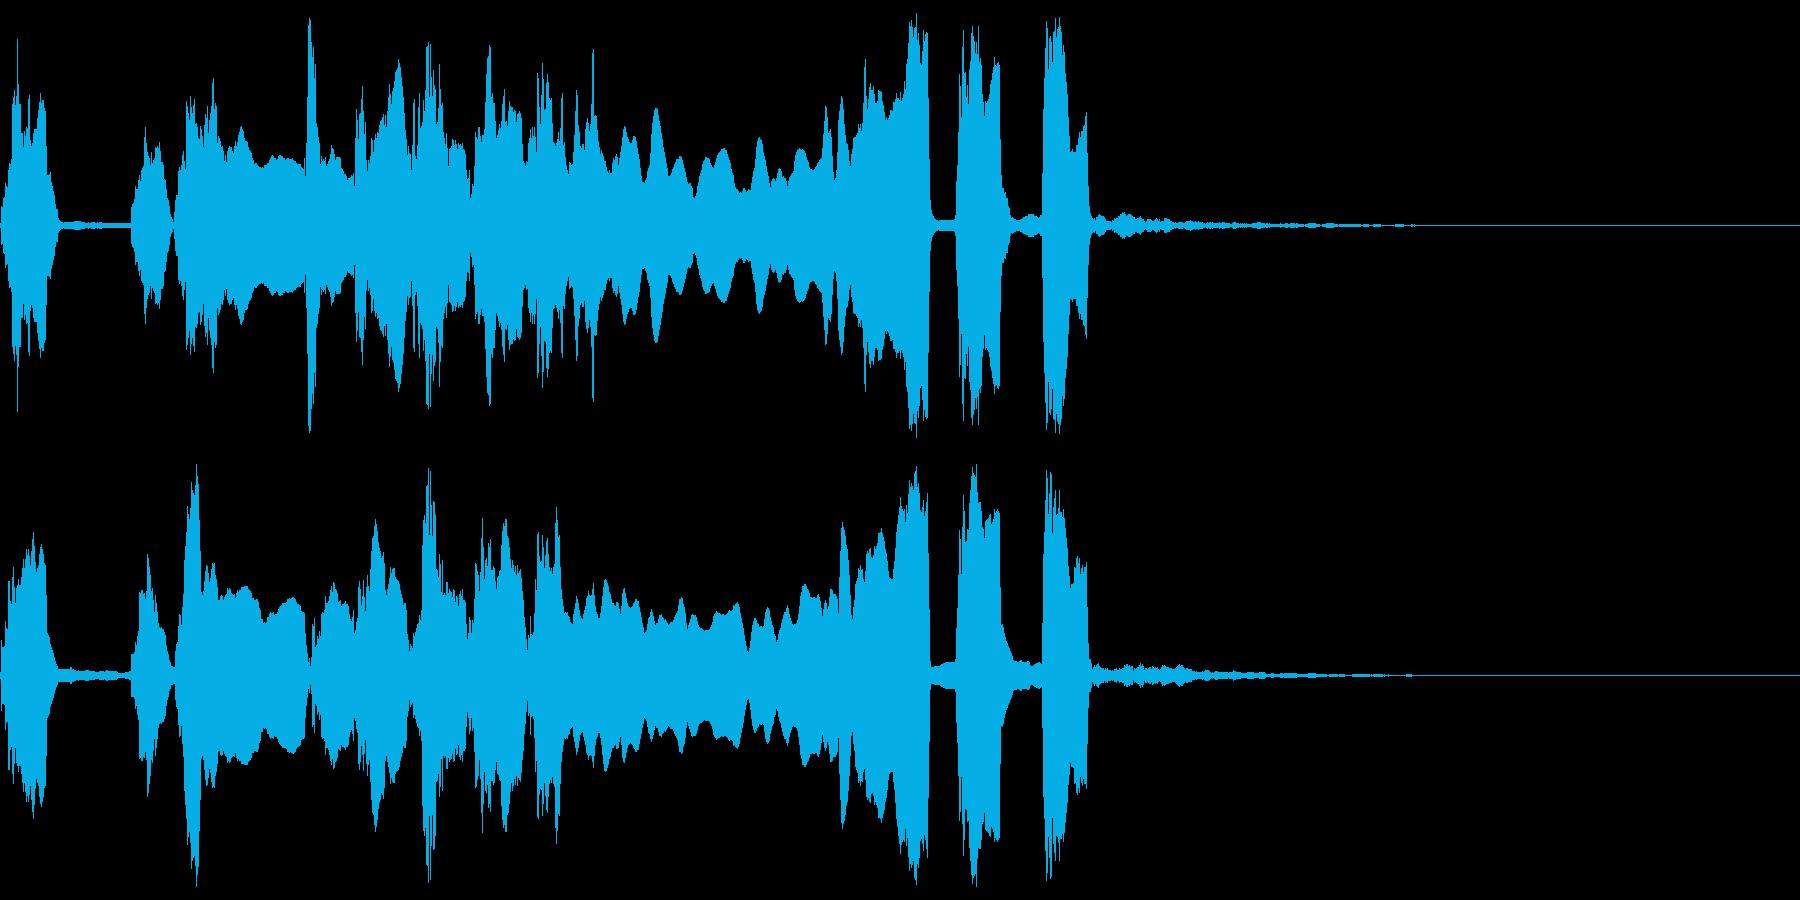 シンプルなファンファーレ3の再生済みの波形